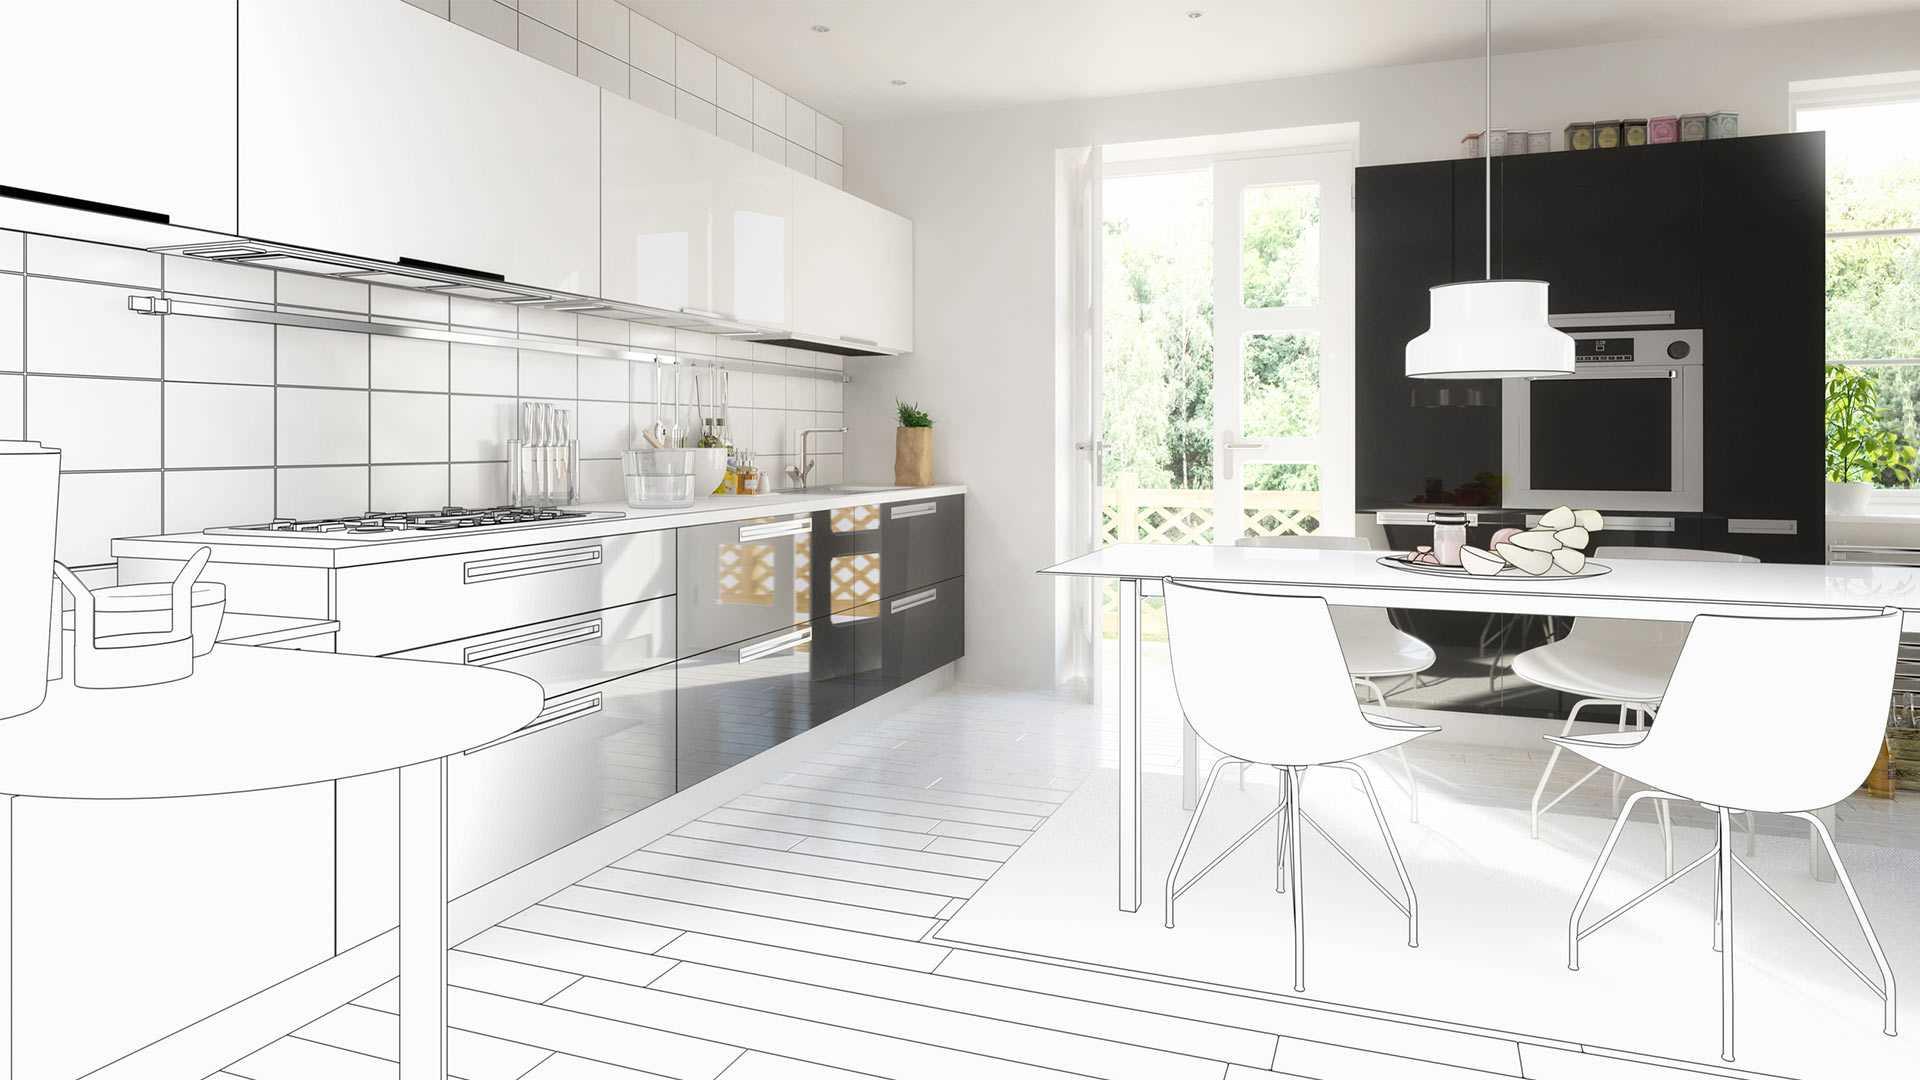 Full Size of Freistehende Küchen Offene Oder Geschlossene Kche Ratgeber Gibt Entscheidungshilfe Regal Küche Wohnzimmer Freistehende Küchen